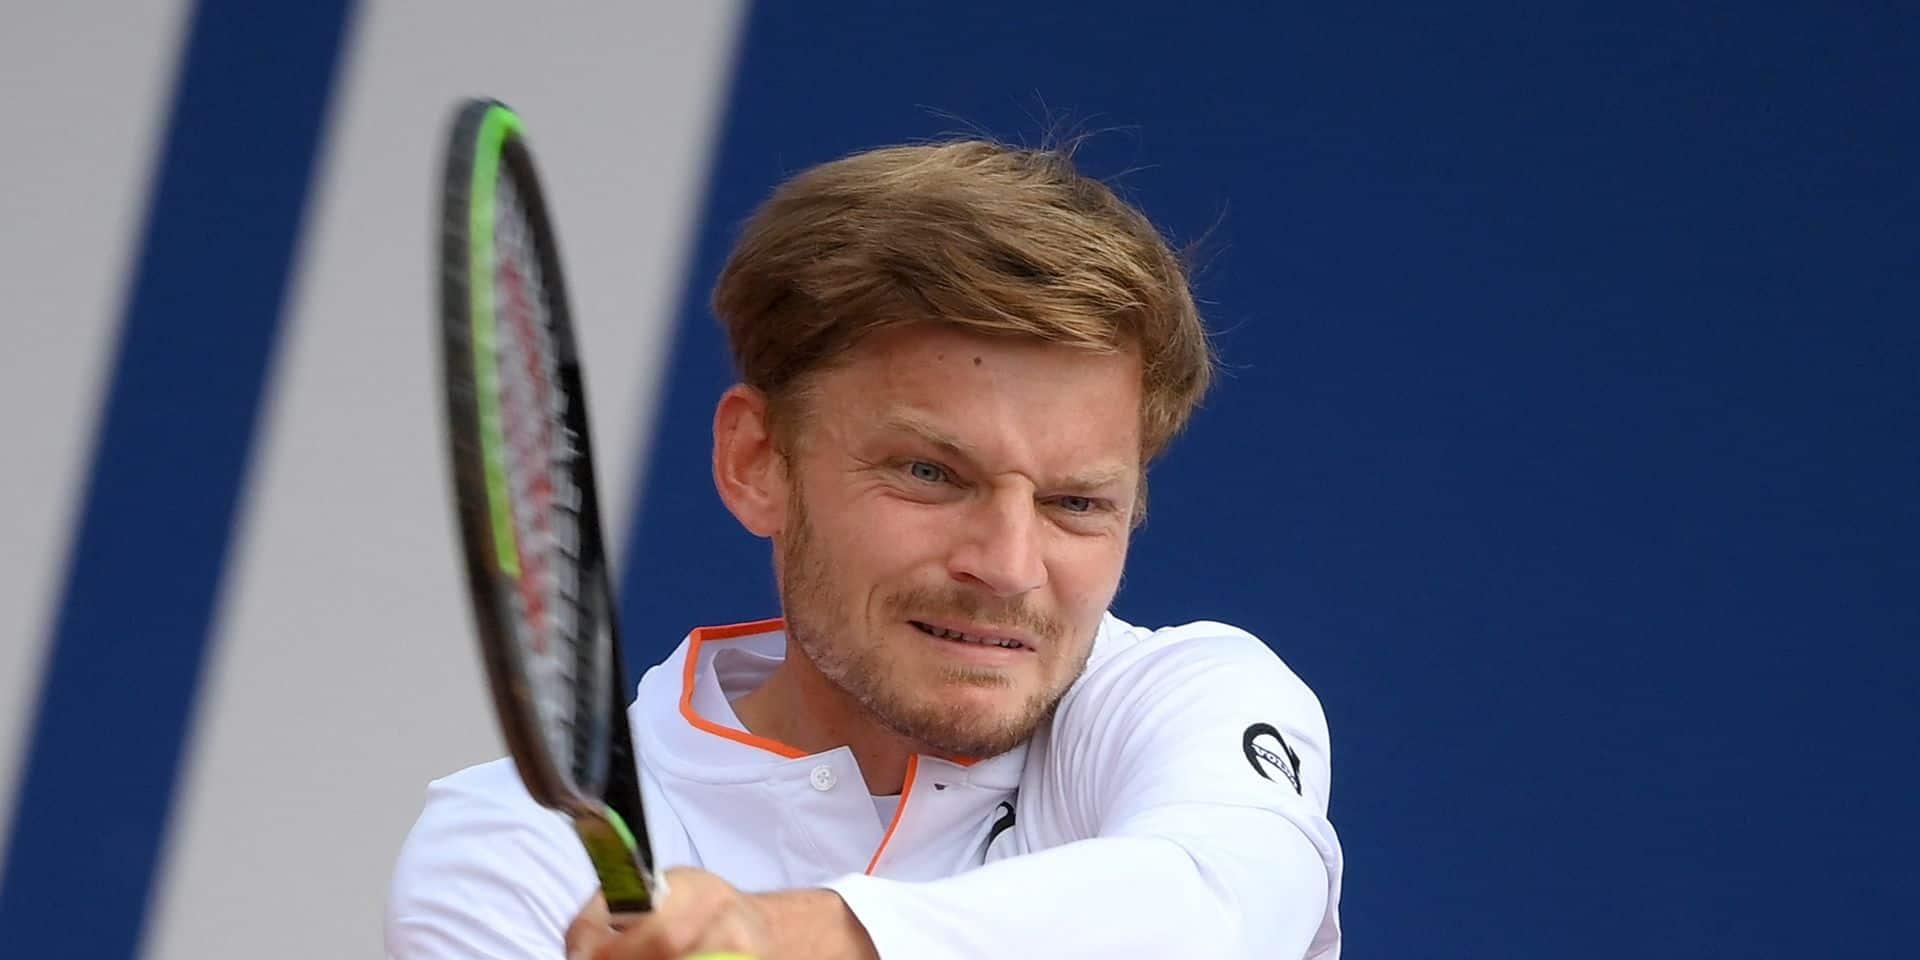 ATP de Barcelone: David Goffin abandonne contre Norrie après une blessure et l'appel du kiné